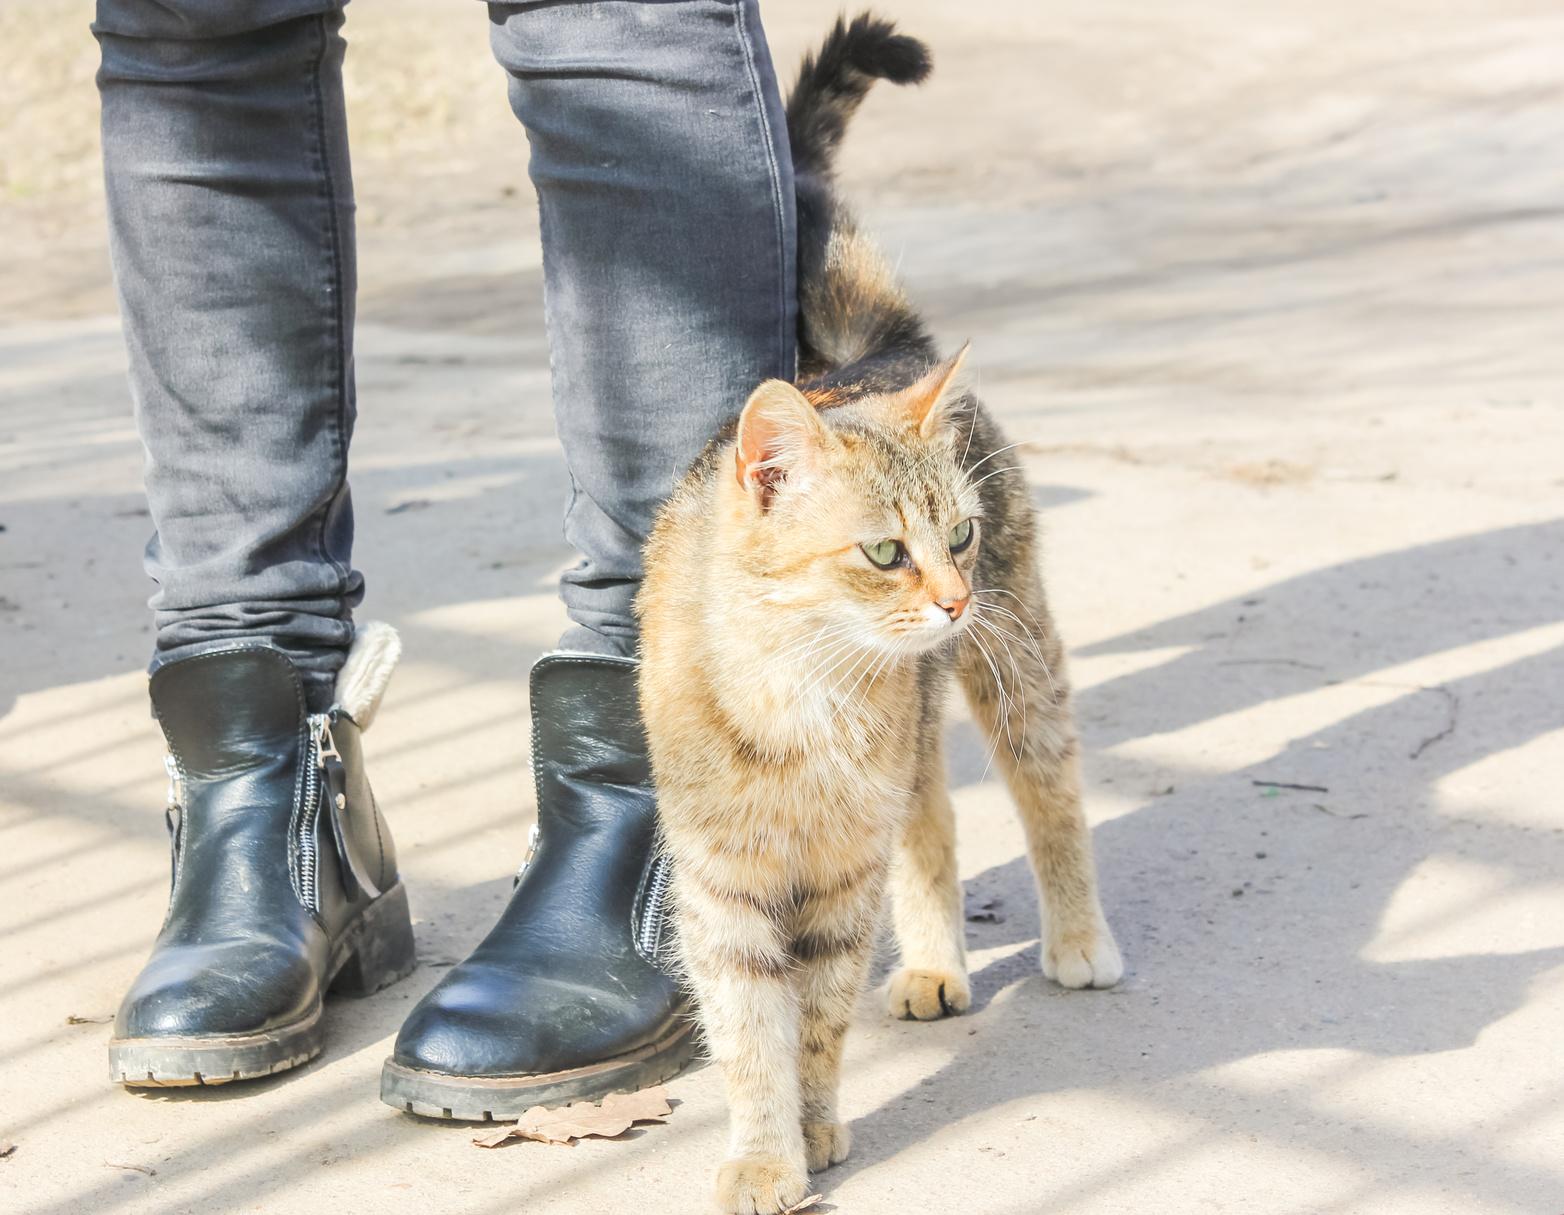 猫ちゃんのしっぽの形と動きで感情がわかる!?